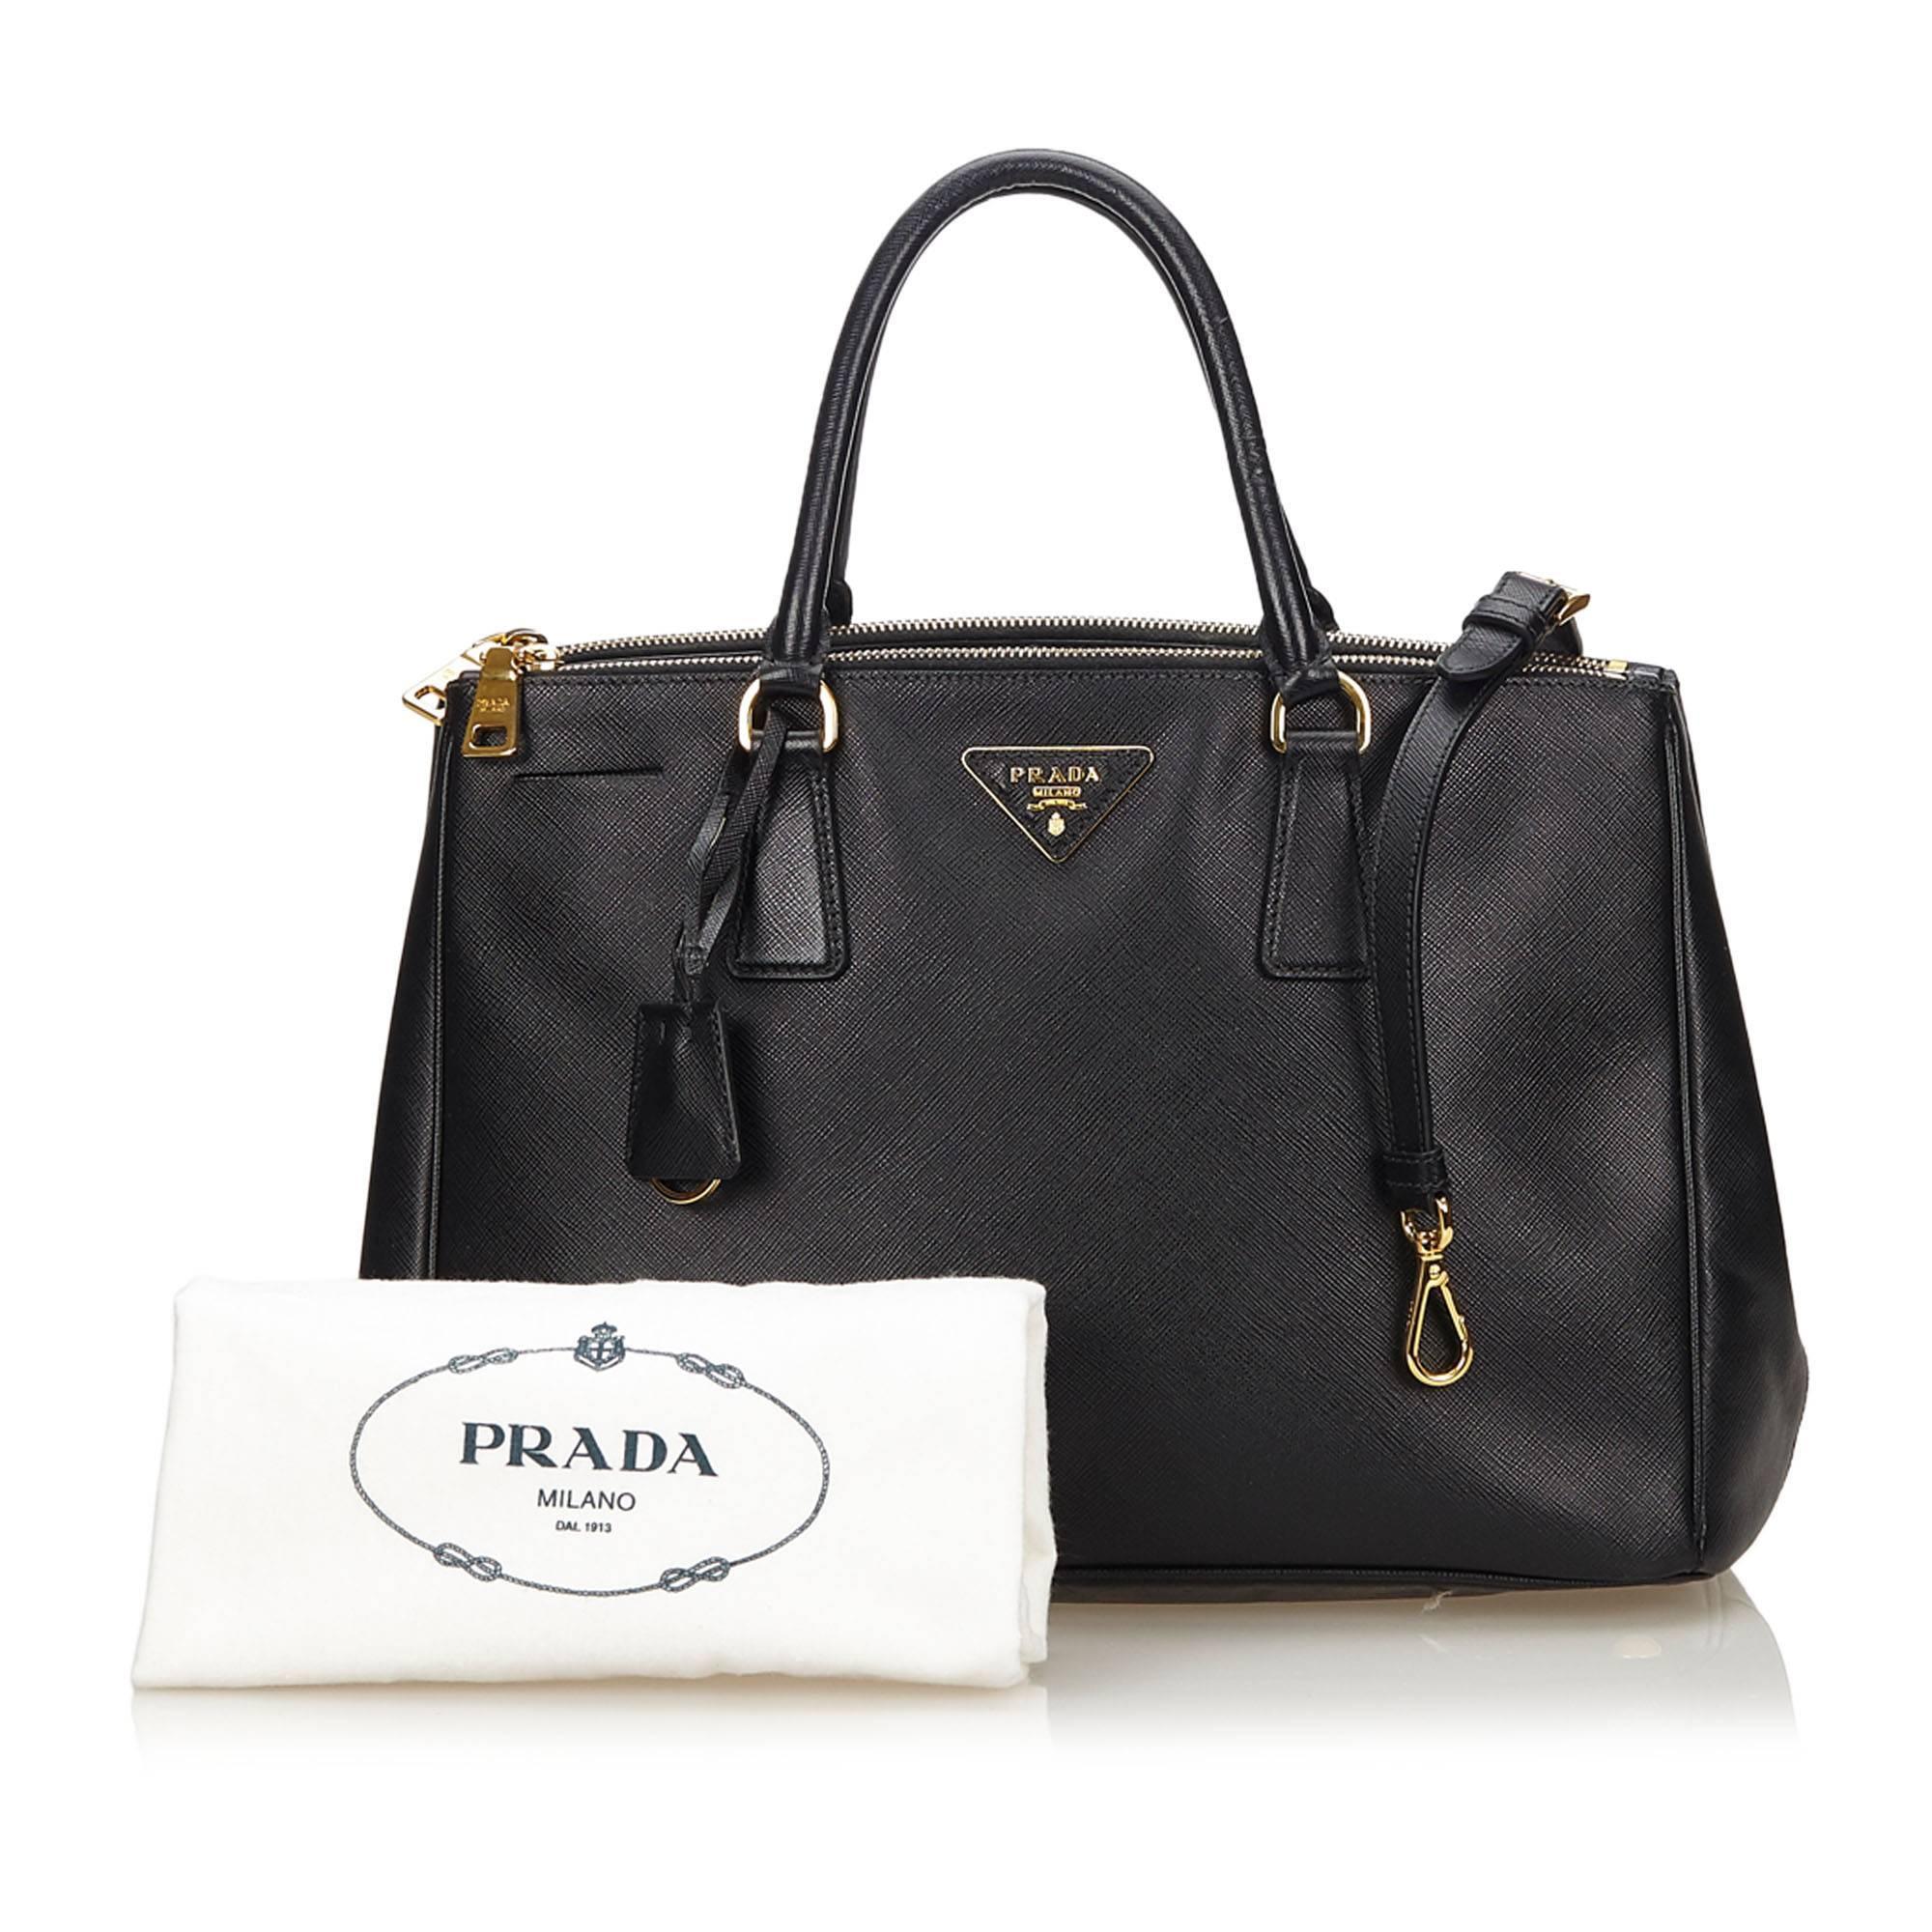 688b3b78d4d4 ... get prada black saffiano galleria bag at 1stdibs cf456 3d65a